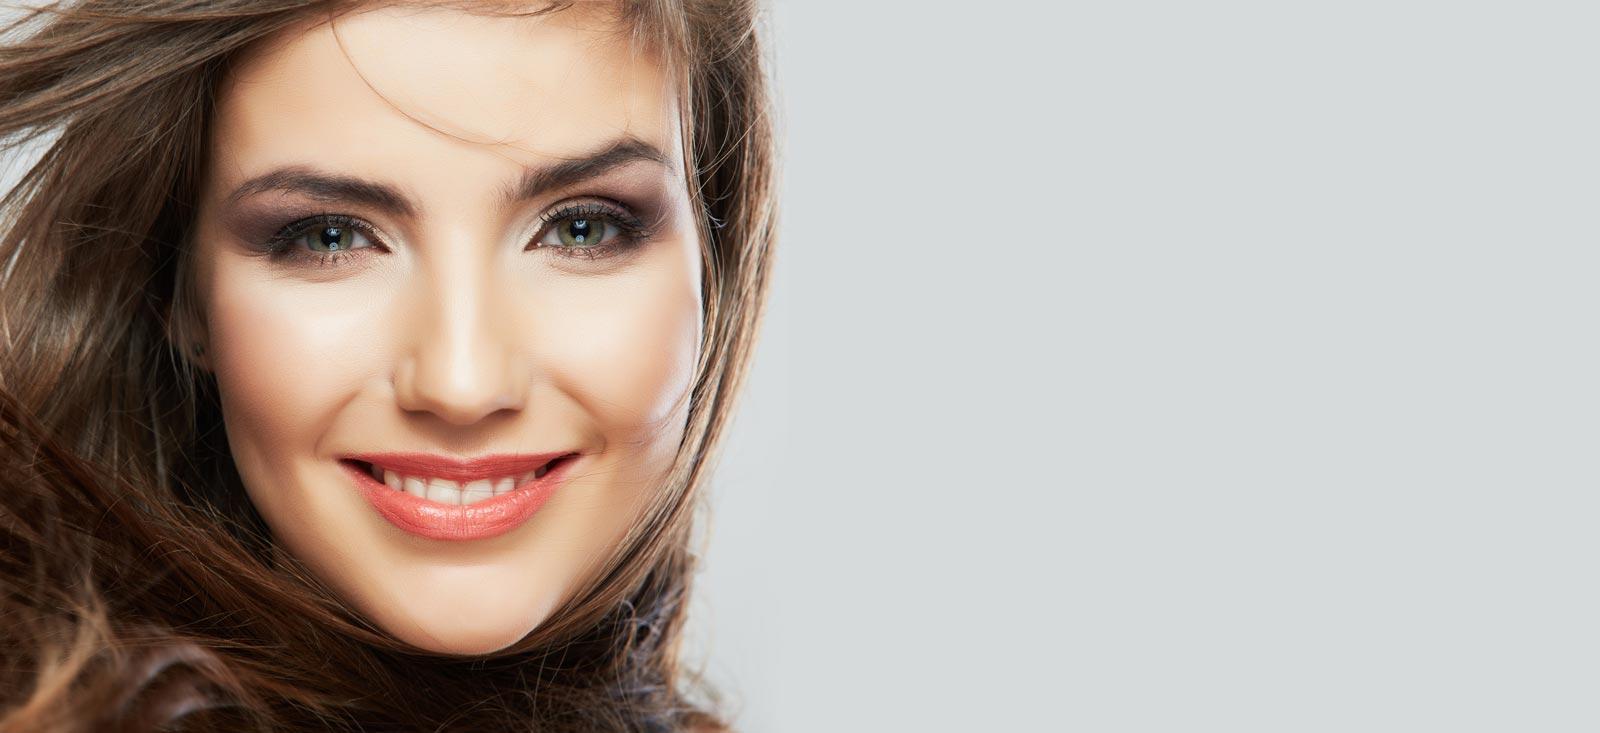 Hübsche Frau mit strahlendem Lächeln